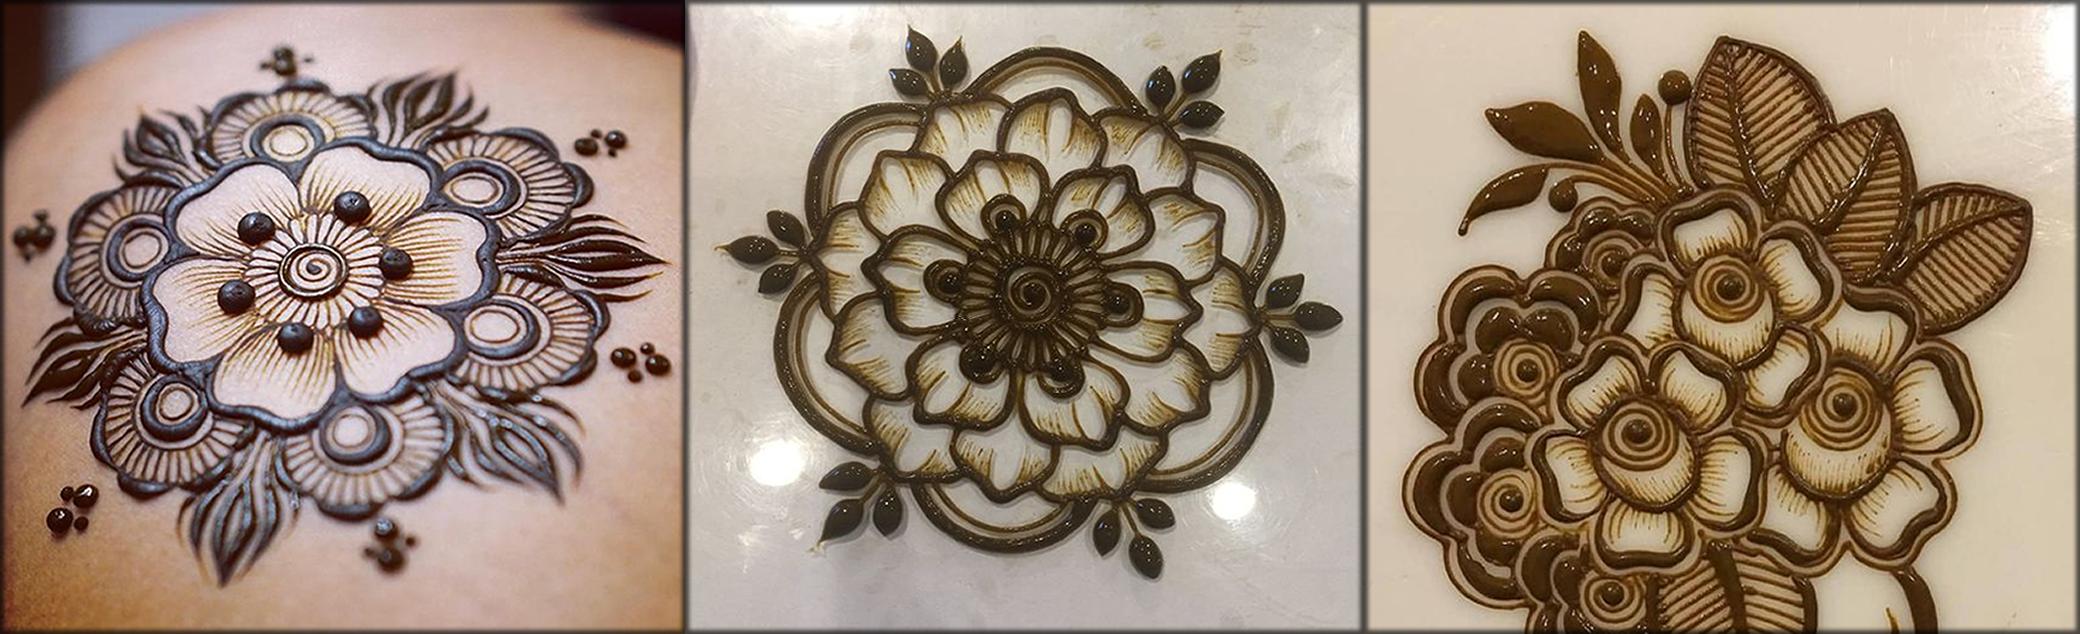 flower pattern Indian Mehndi Designs